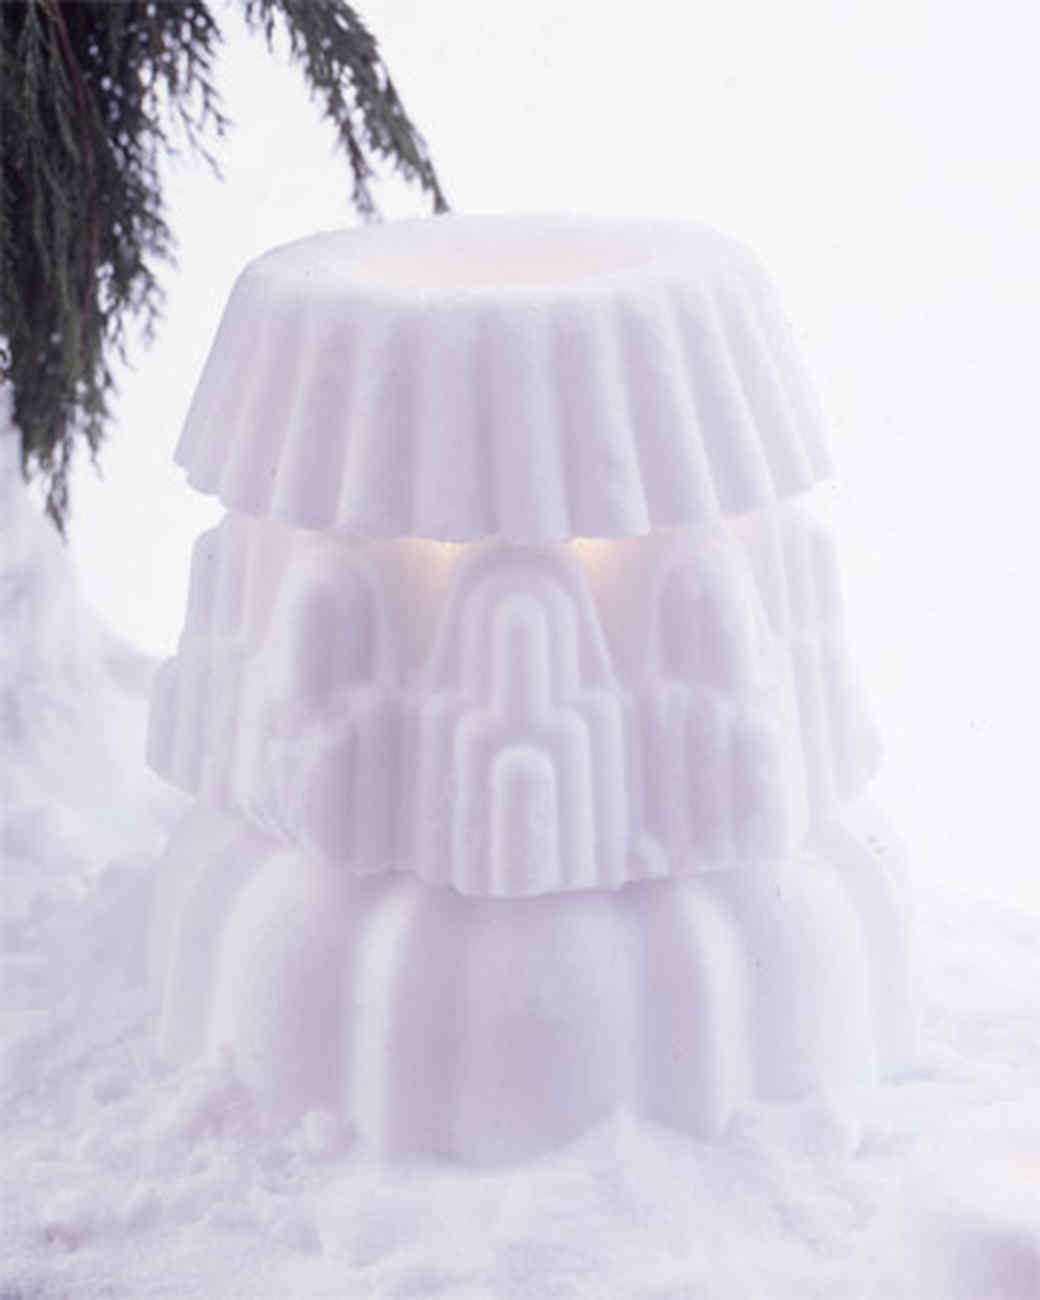 living_snowpillar_p58.jpg